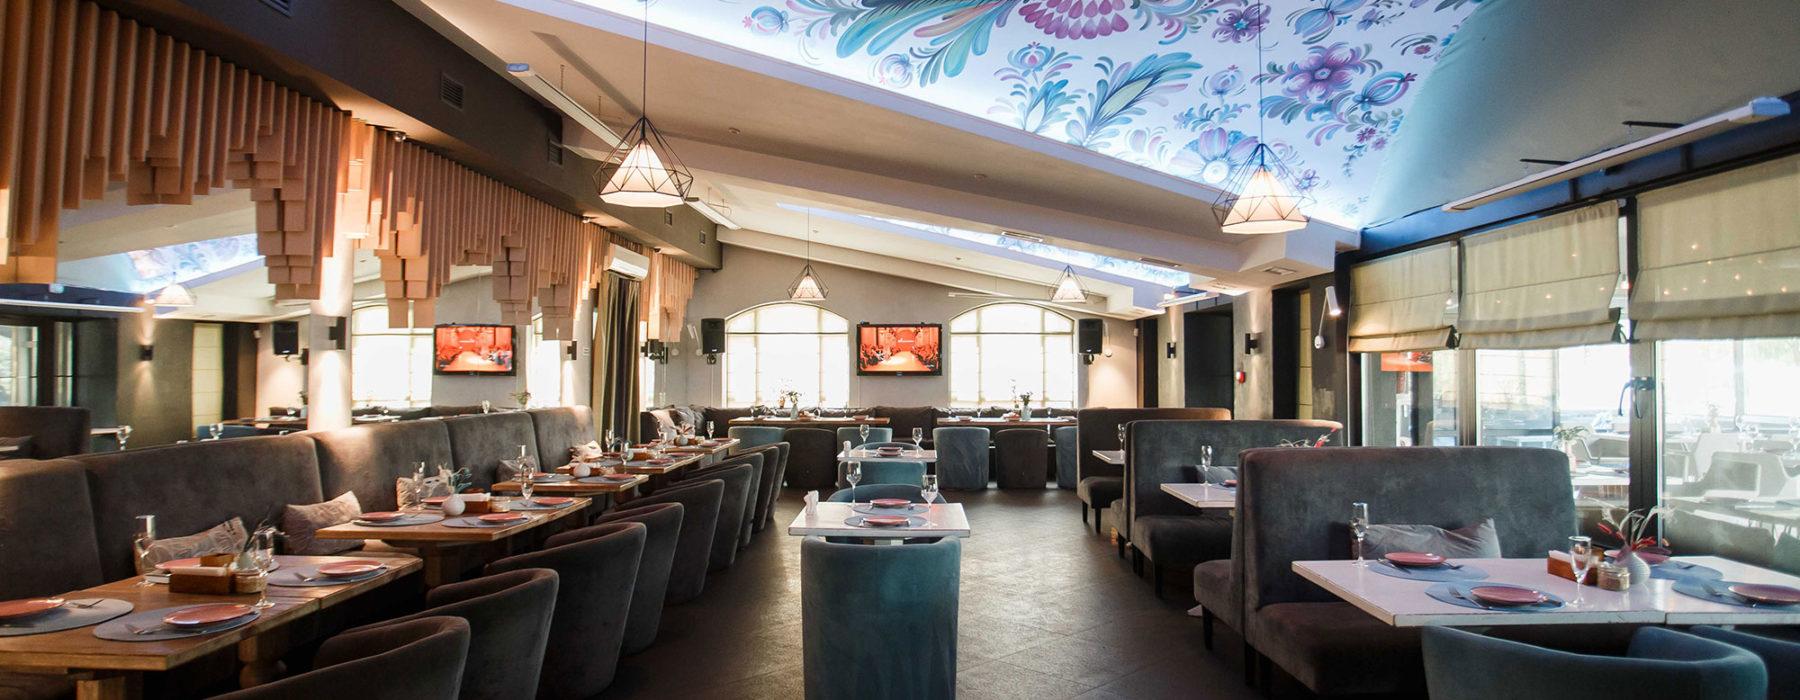 Prynada Ukrainian Cafe — втілення всього найсмачнішого, стильного і красивого, що є в сучасній Україні.